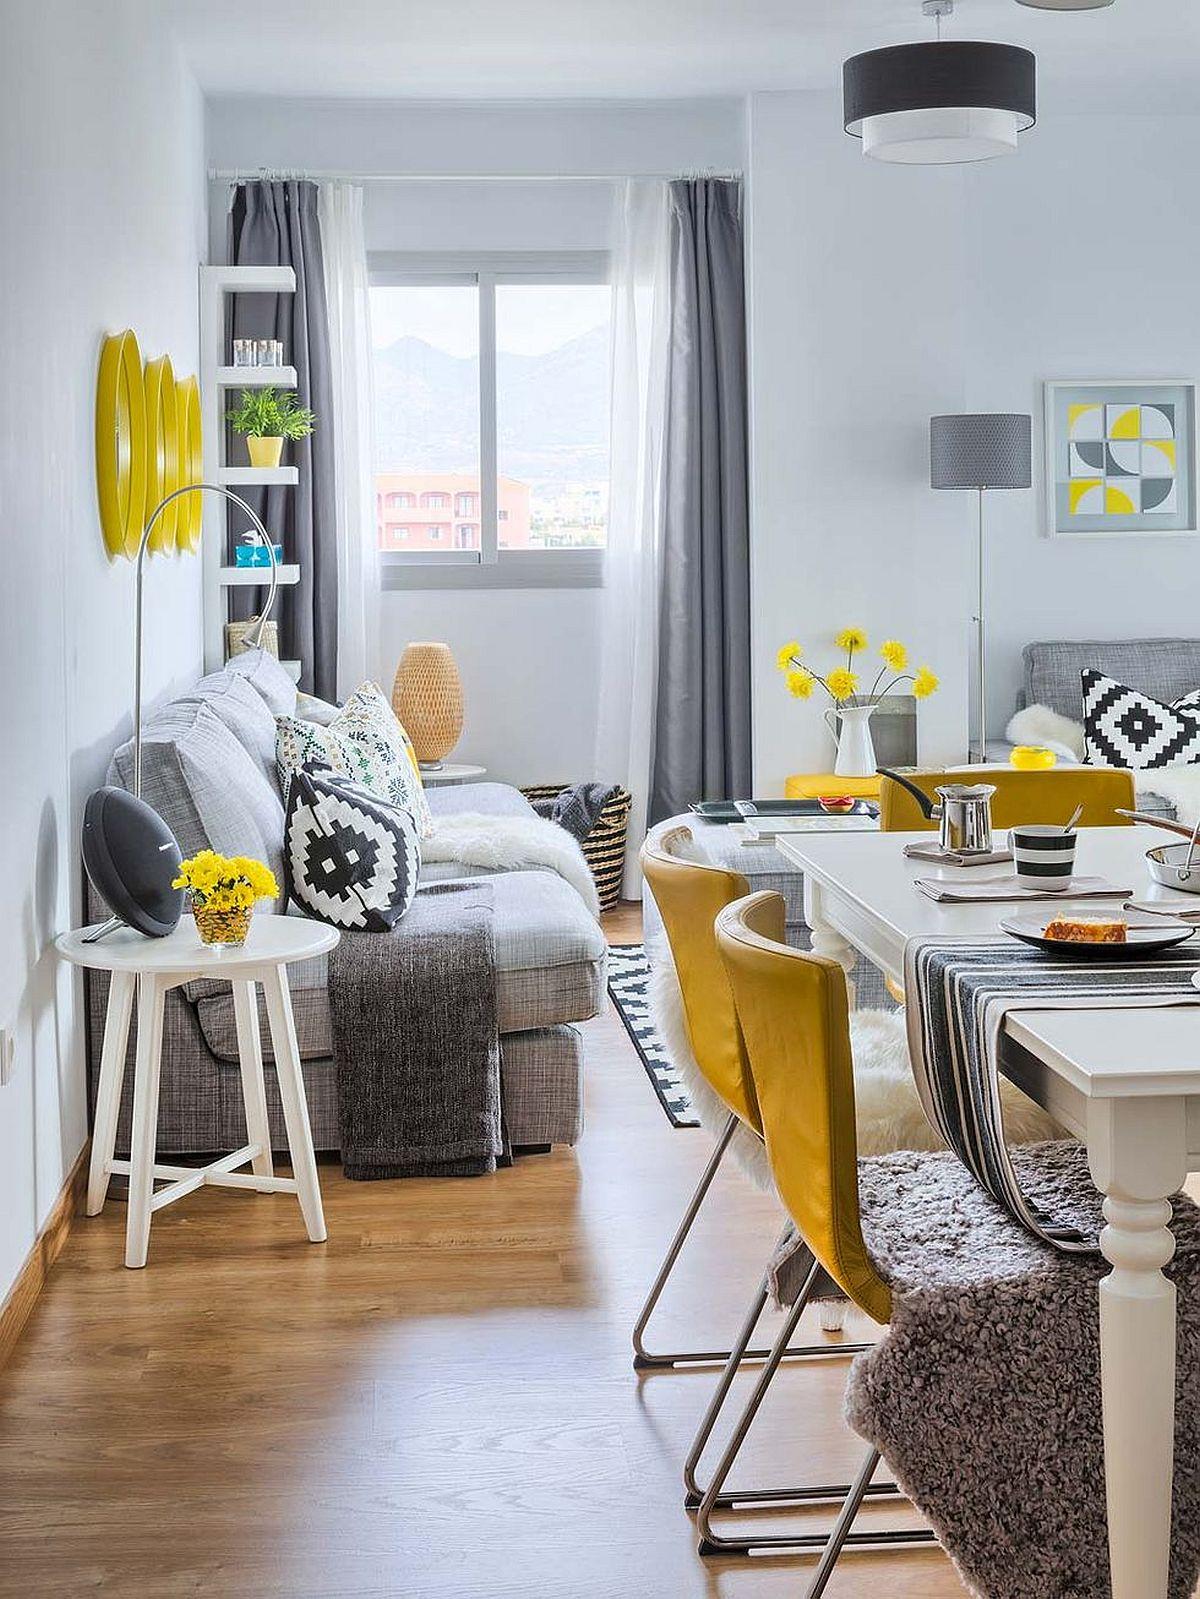 Culoarul de circulație în living a fost bine calculat, de aceea, pentru a mai economisi din spațiu, designerii au propus banchete la perete ca locuri de ședere pentru acestea fiind fixe, ocupă mai puțin spațiu.